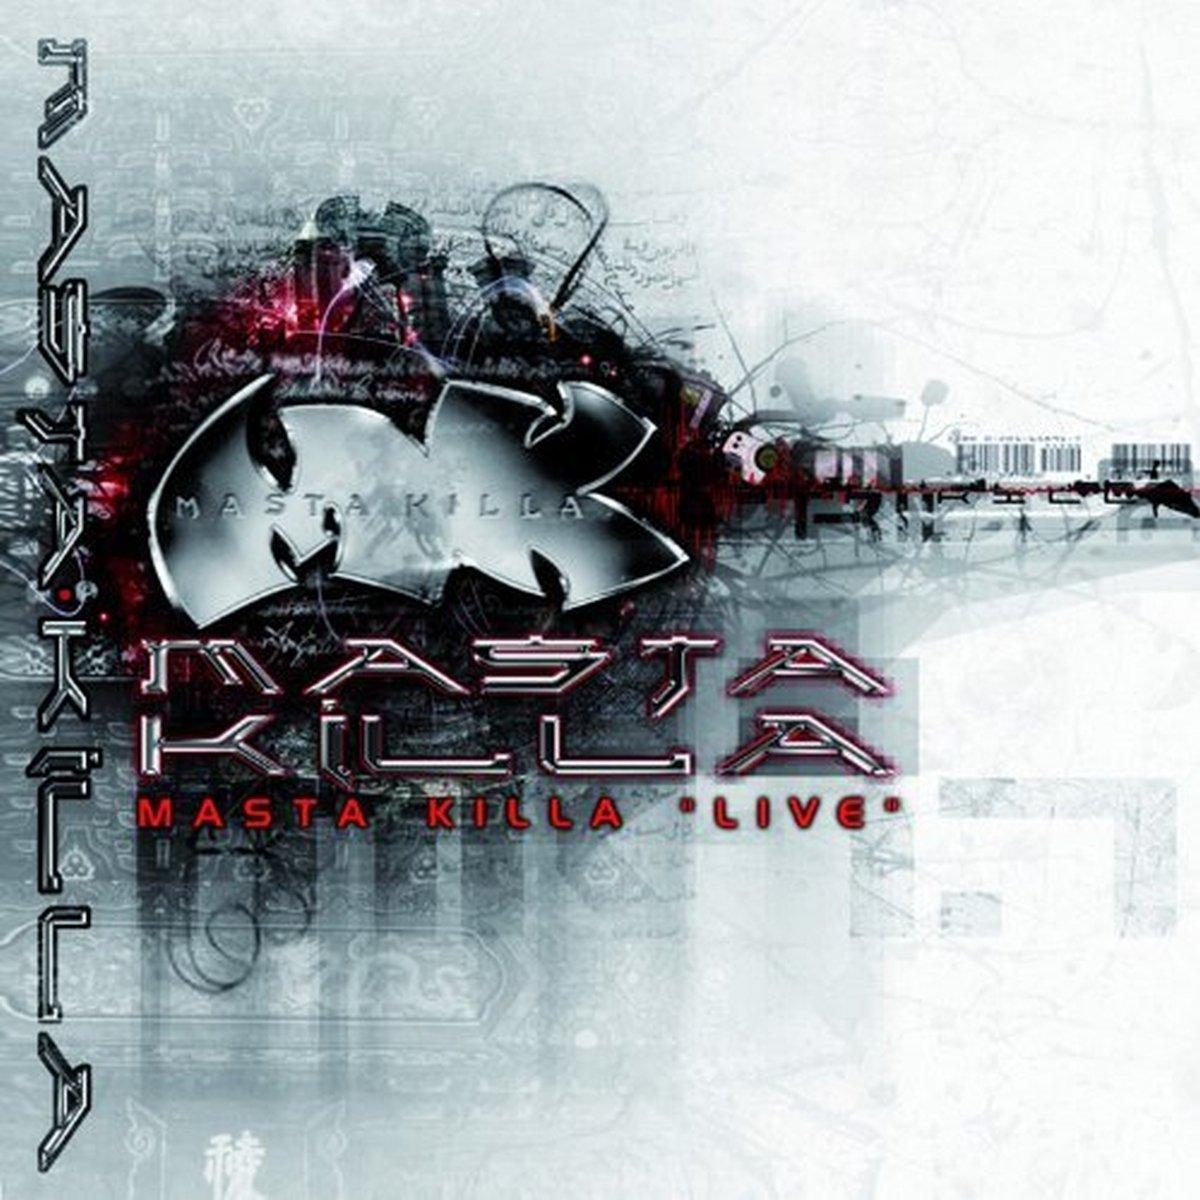 Live: MASTA KILLA by Gold Dust Media